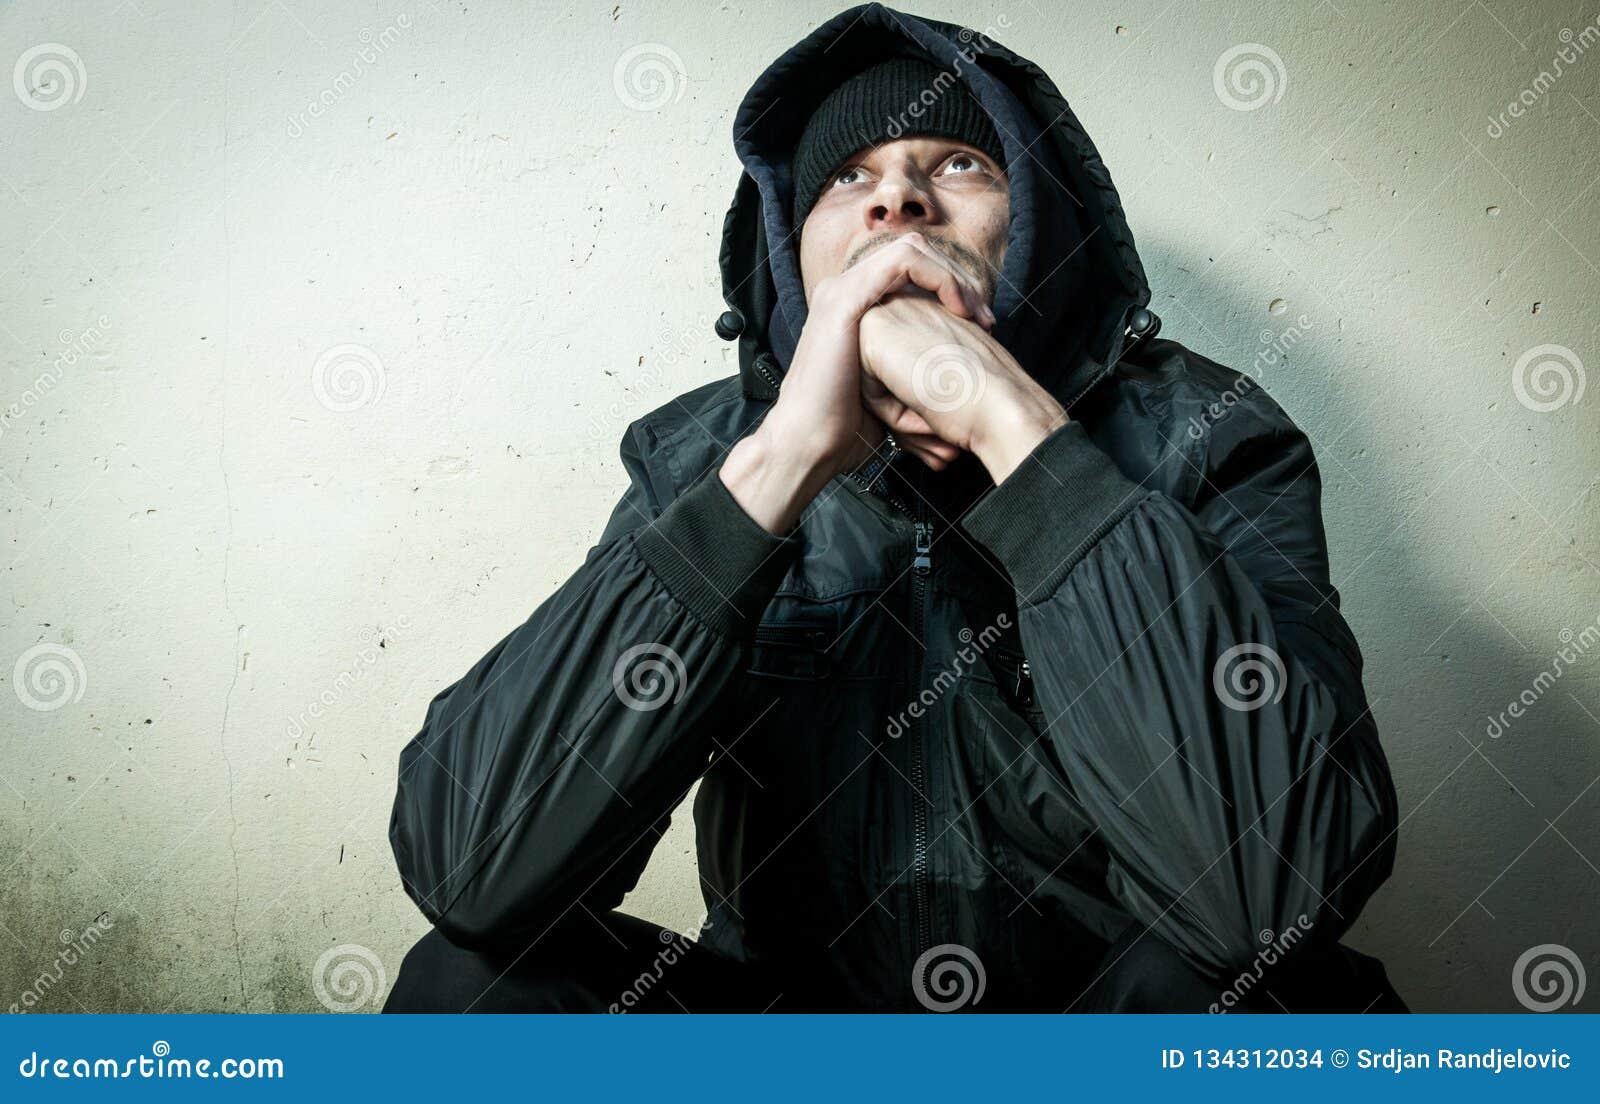 Hemlös mandrog och alkoholknarkare som bara sitter och som är deprimerad på gatan i vinterkläder som känner angelägen kallt och e